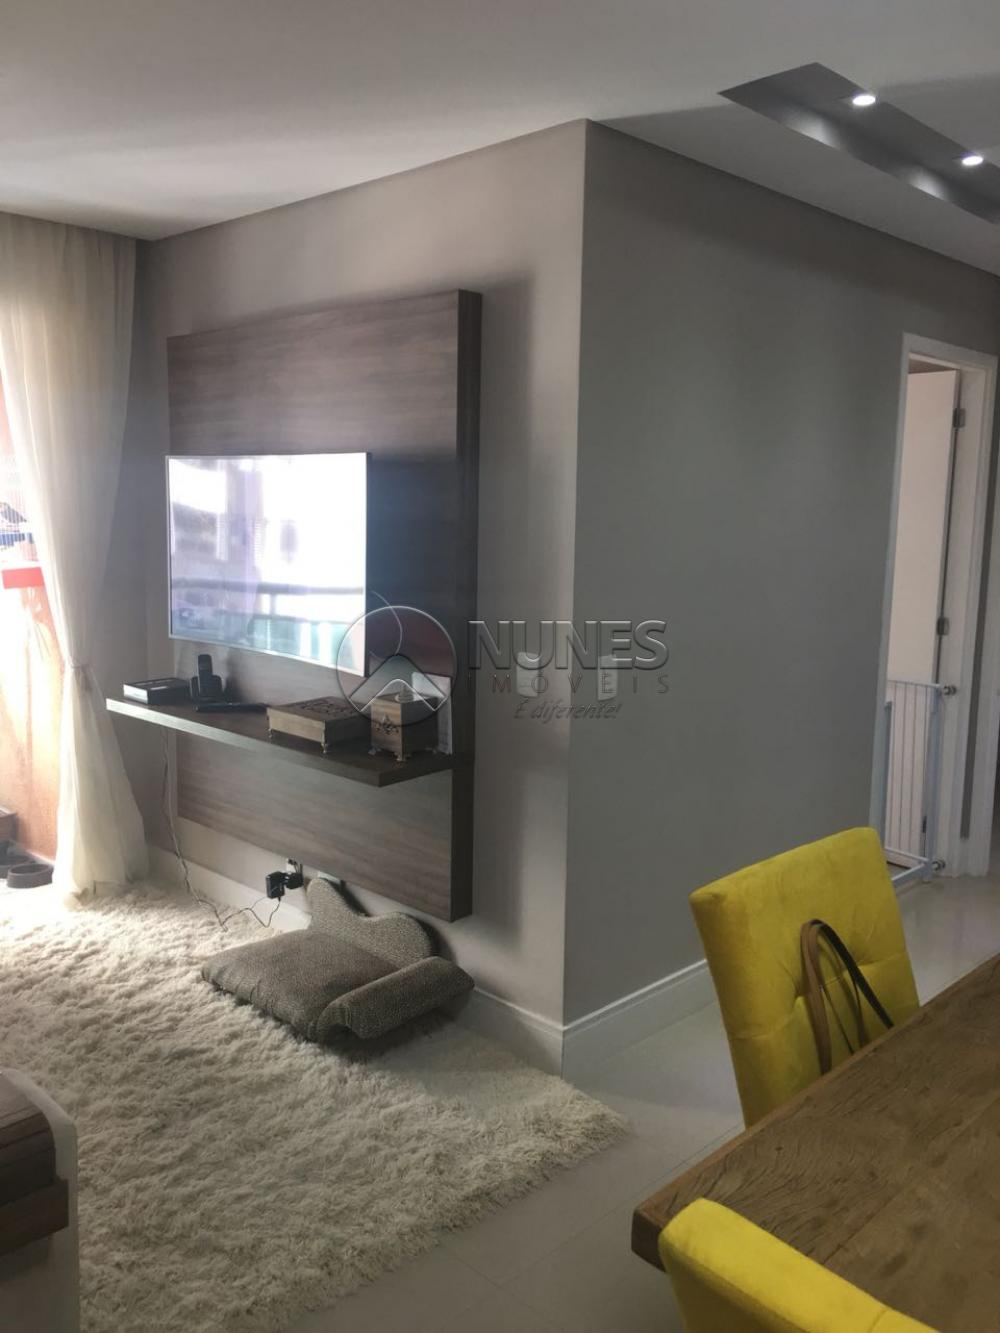 Comprar Apartamento / Padrão em Barueri apenas R$ 405.000,00 - Foto 6